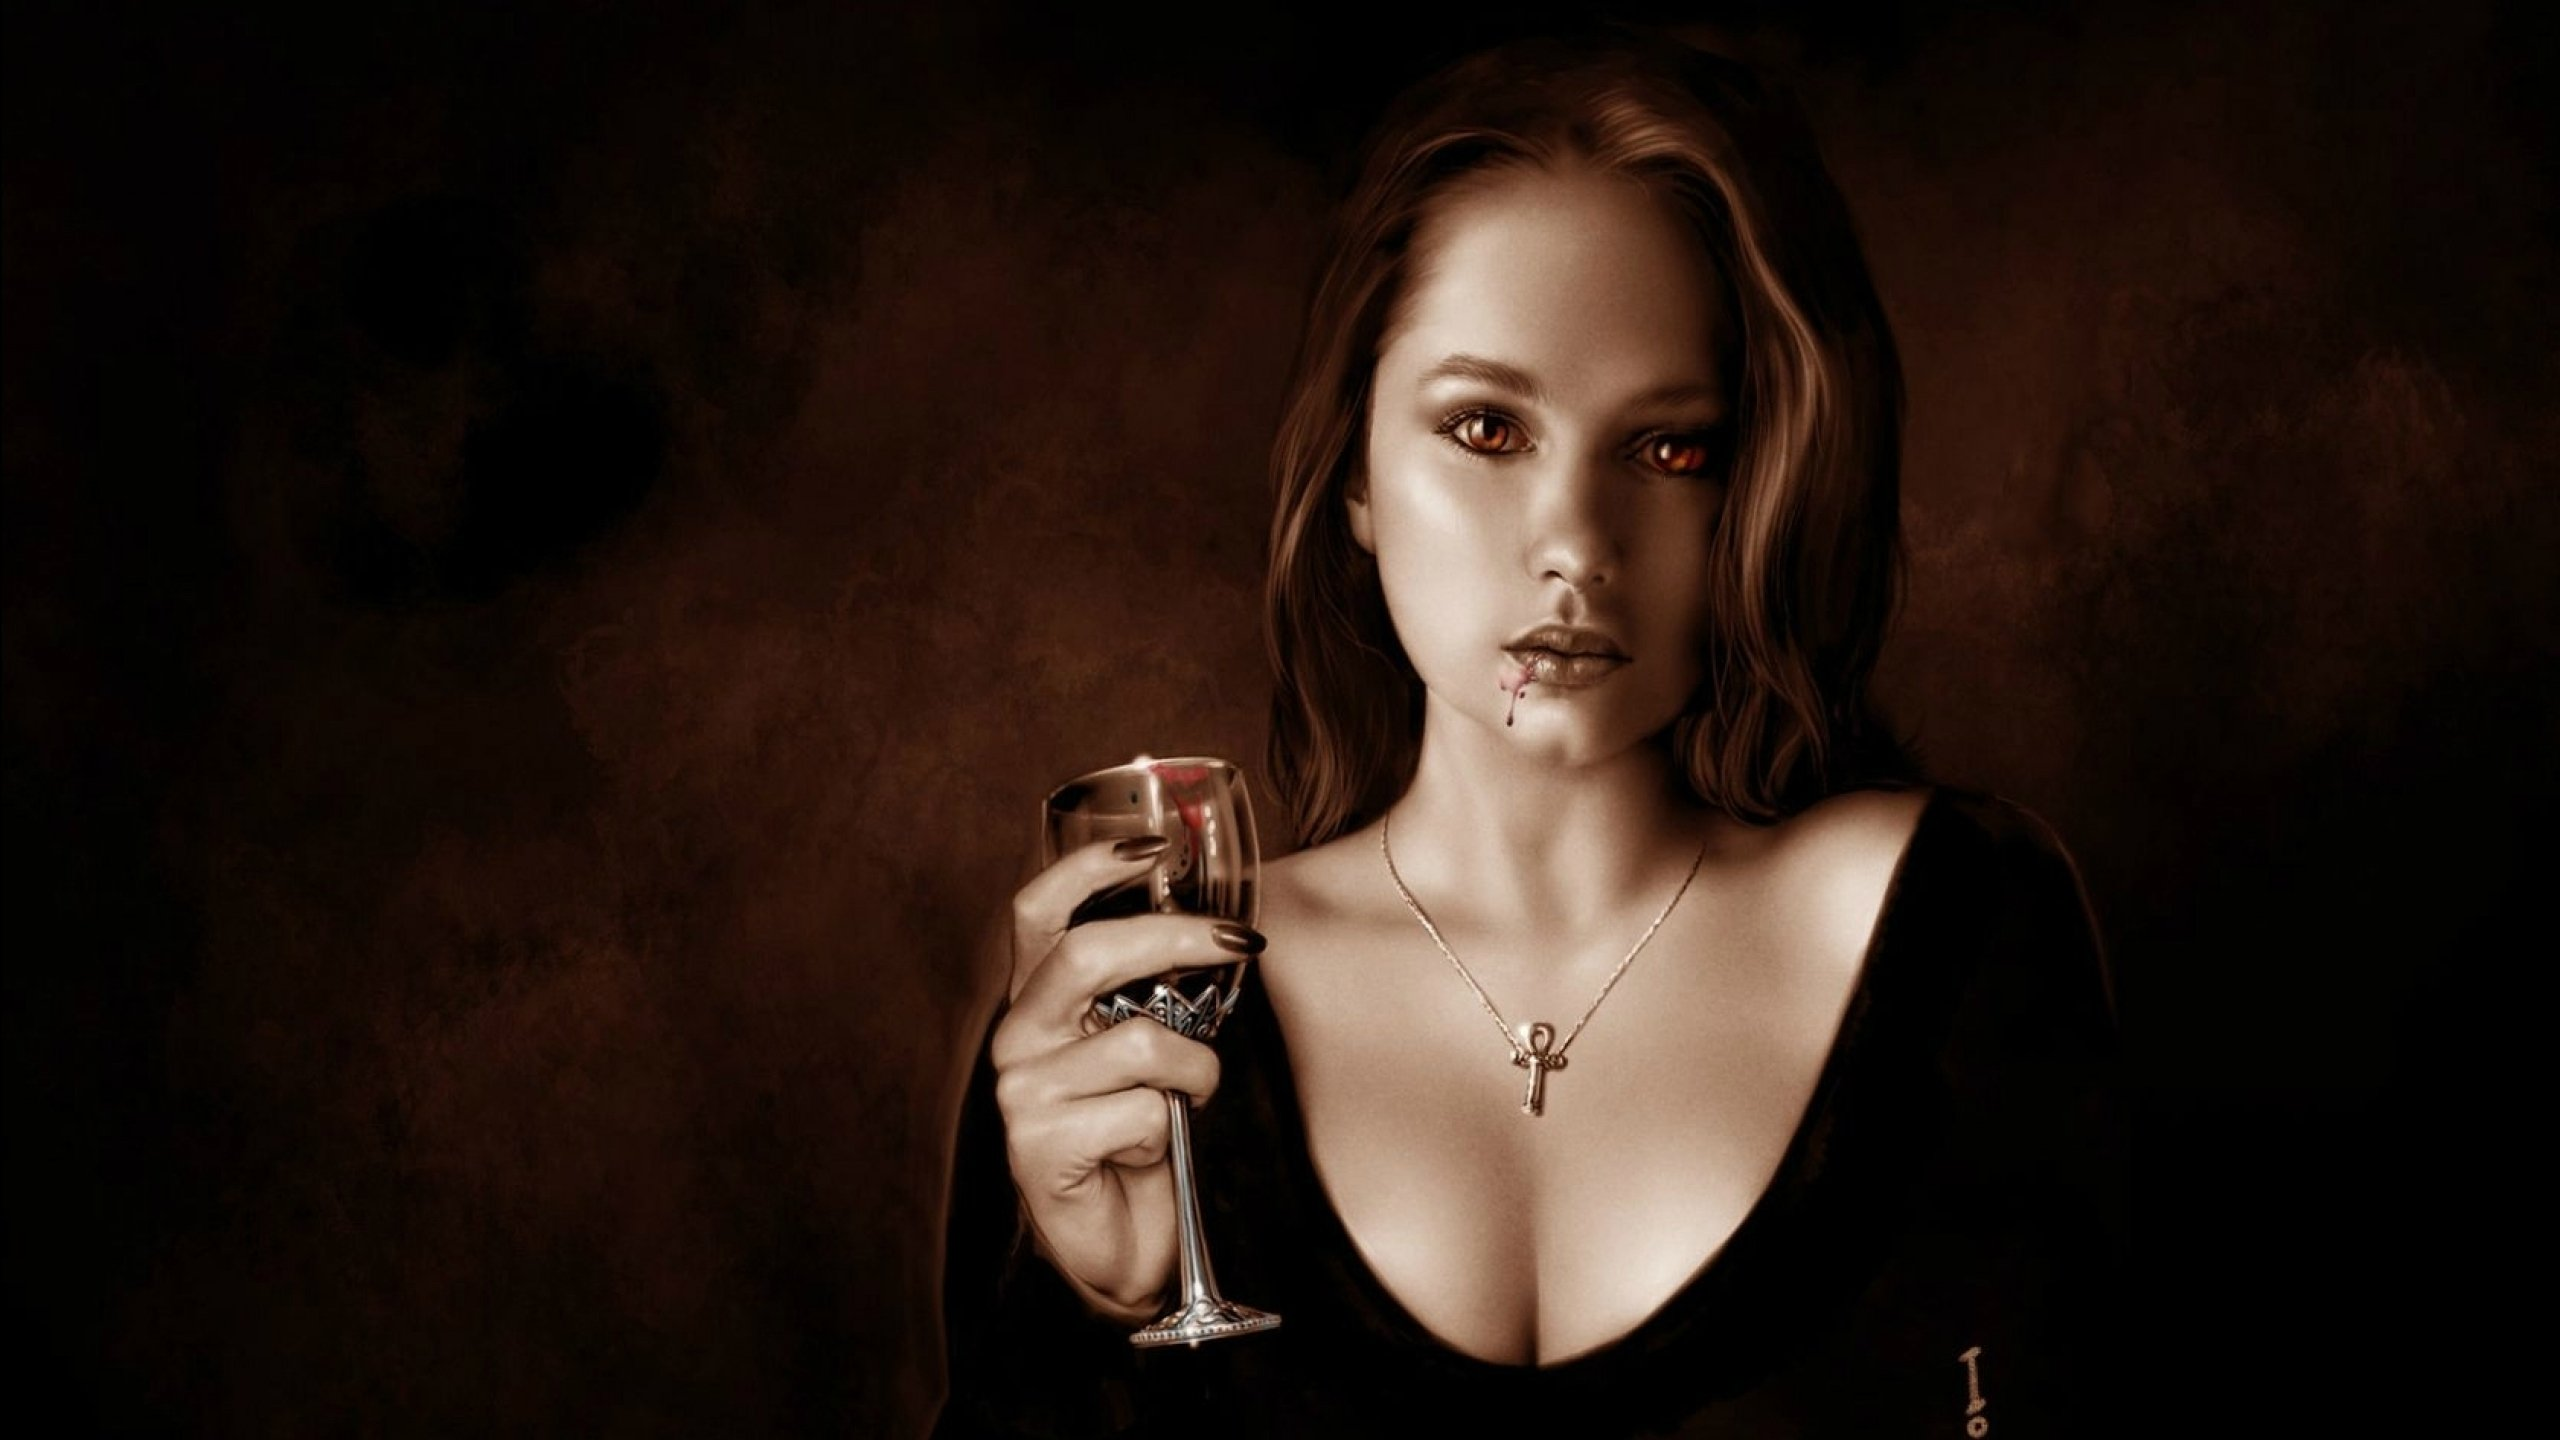 Алкогольные сексуальные фантазии